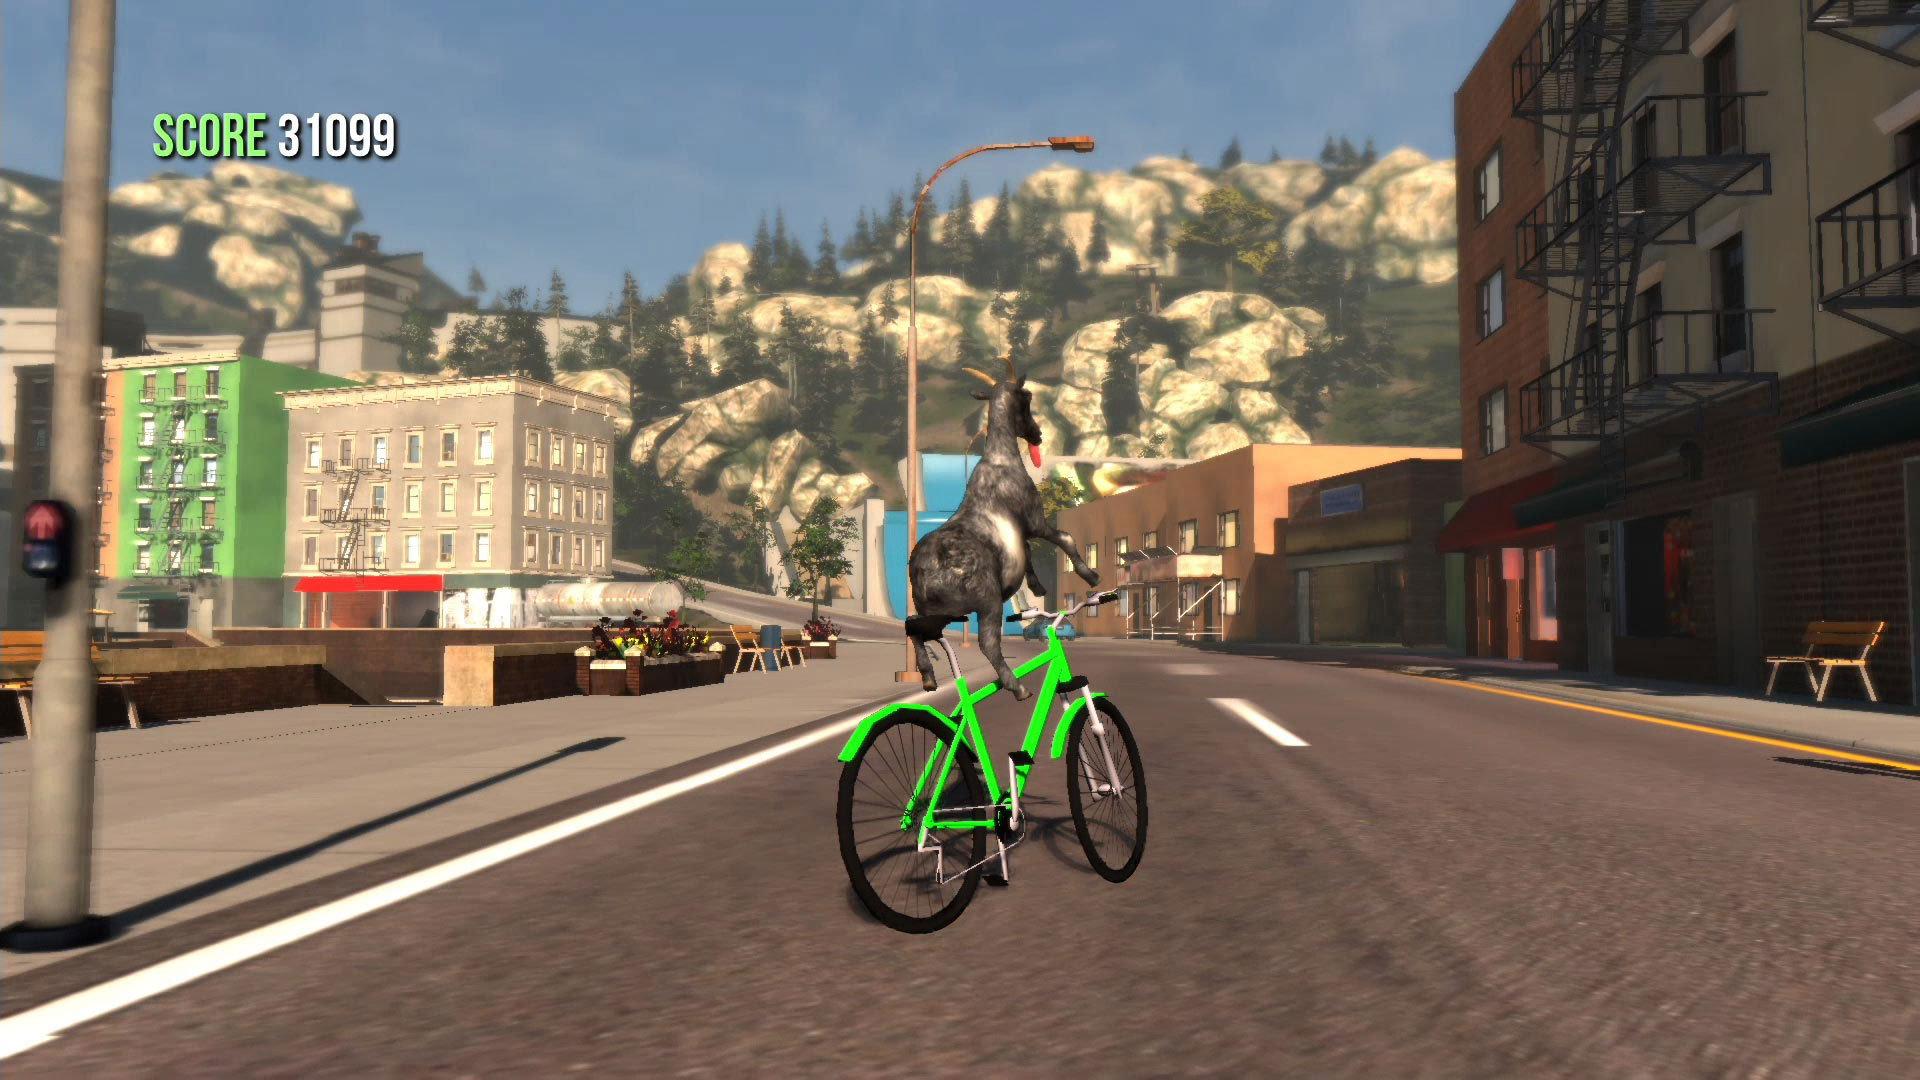 Eines unserer Ziele ist es, mit einem Fahrrad durch die City zu cruisen.